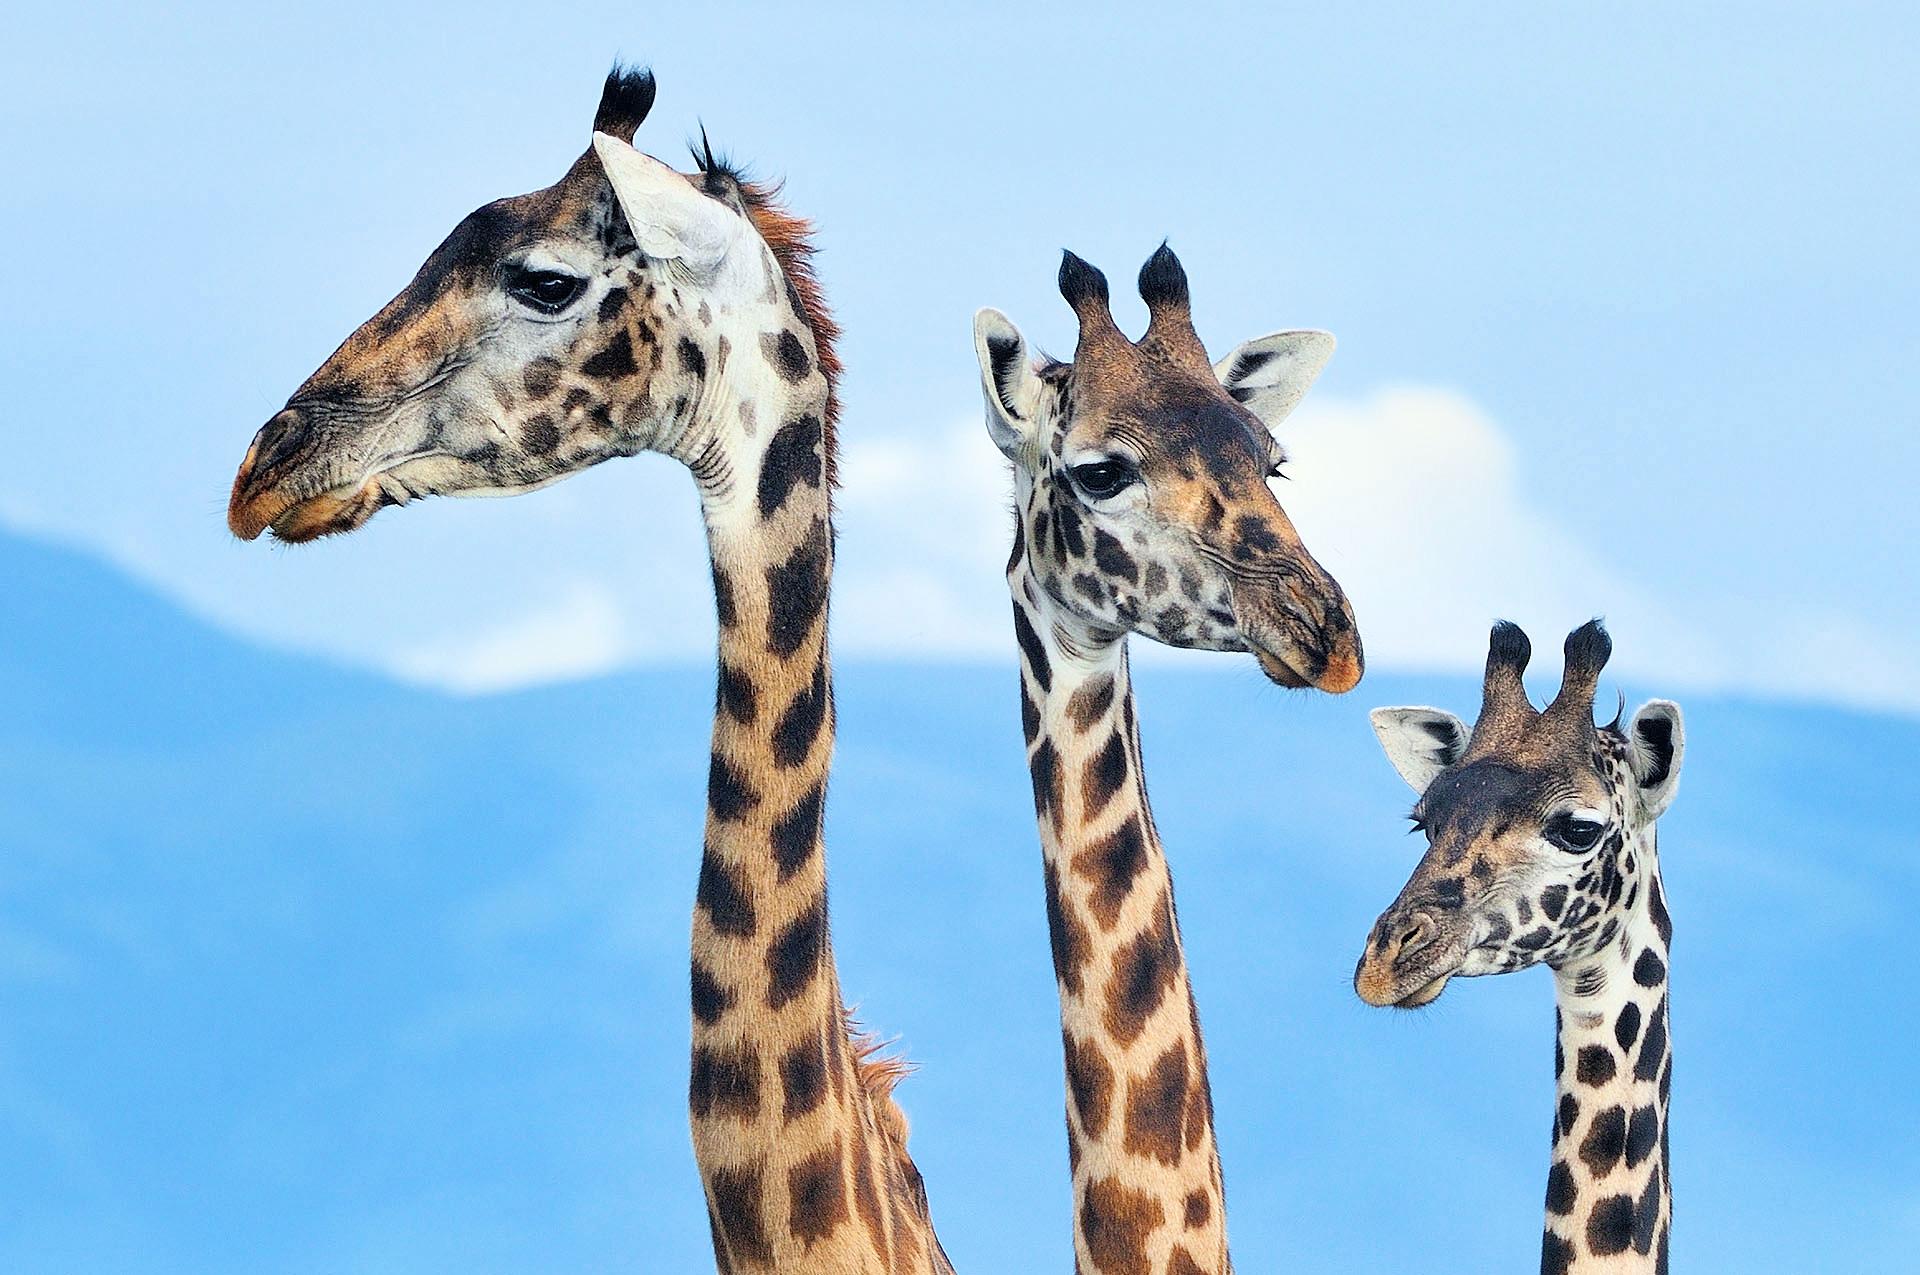 Portrait of three giraffes in the Serengeti